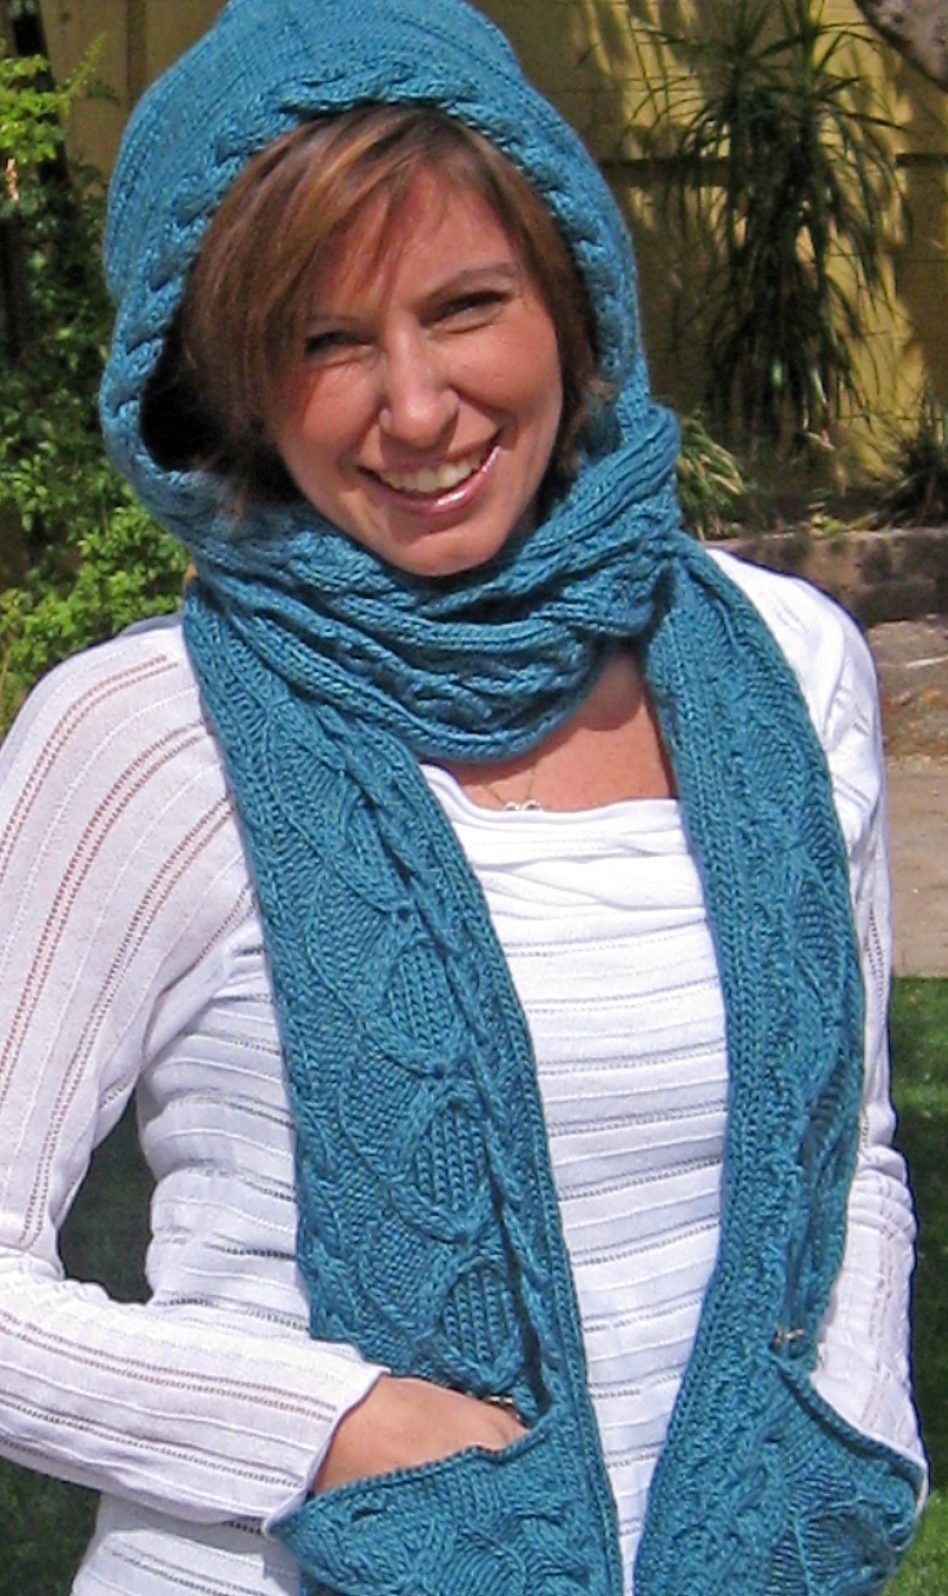 Pocket Wrap Knitting Patterns Scarf Cowl Knitting Patterns